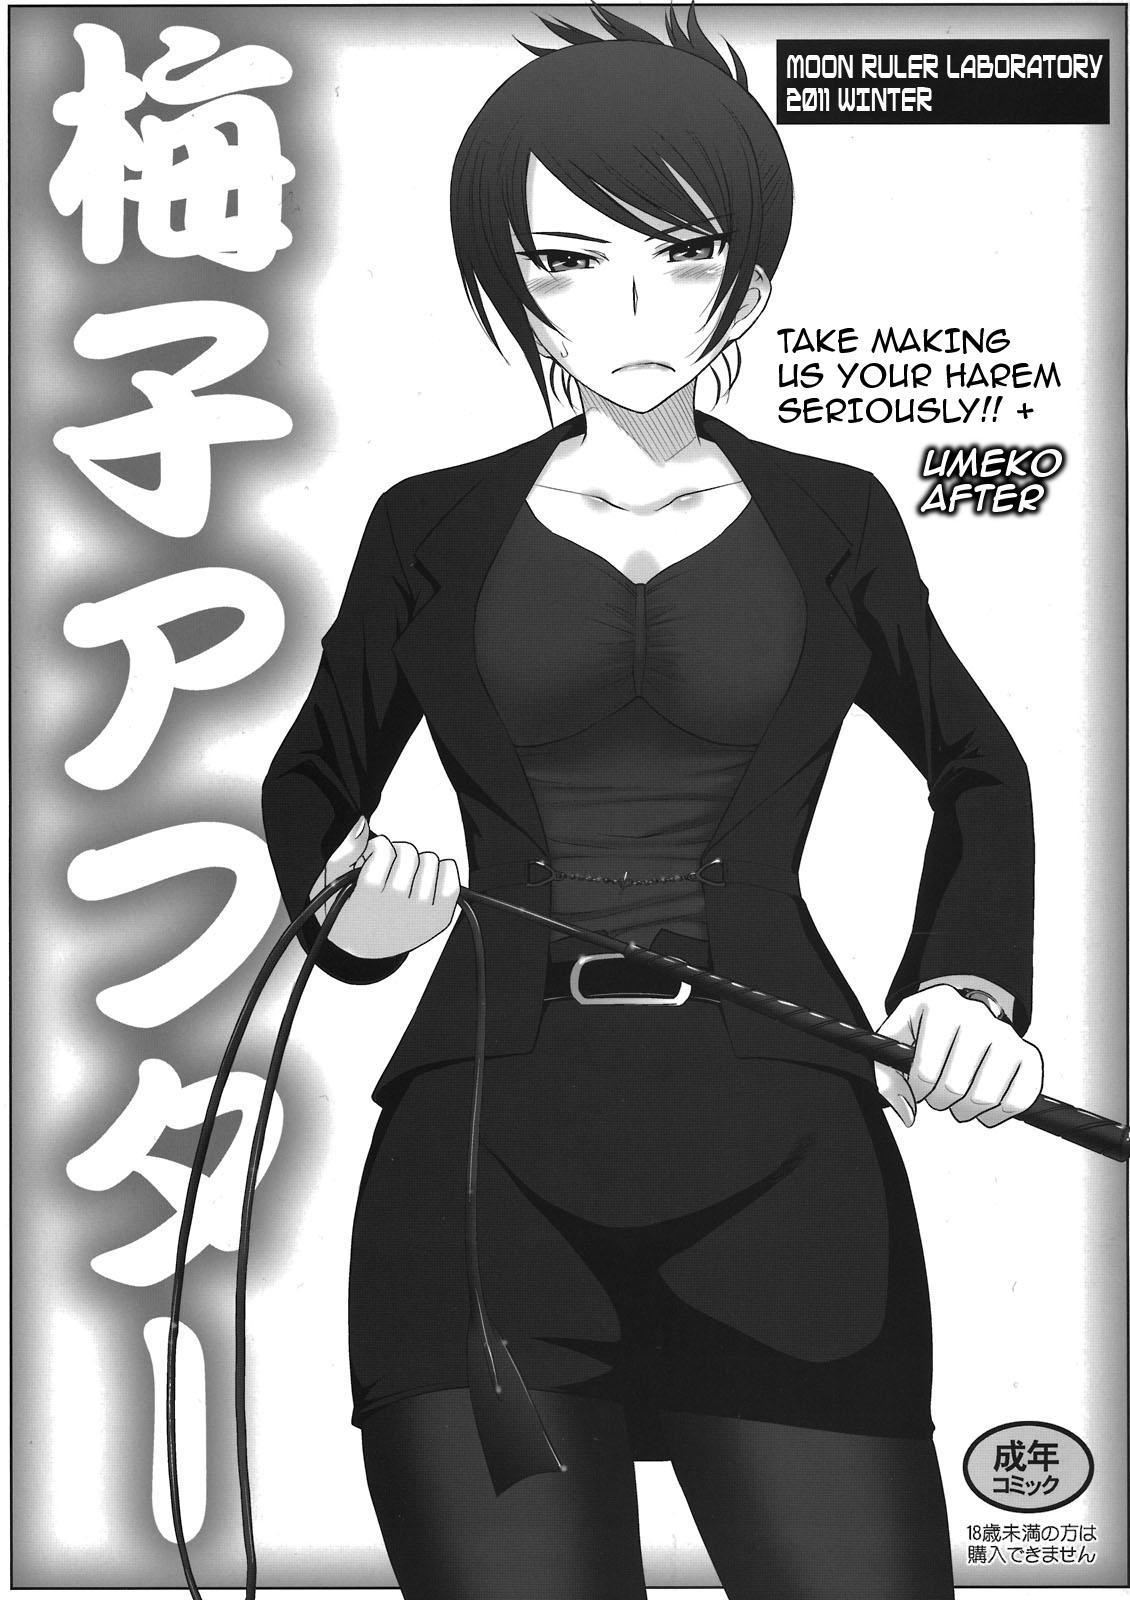 Maji ni Watashi-tachi to Harem Shinasai!!+   Take Making Us Your Harem Seriously! + Umeko After 0